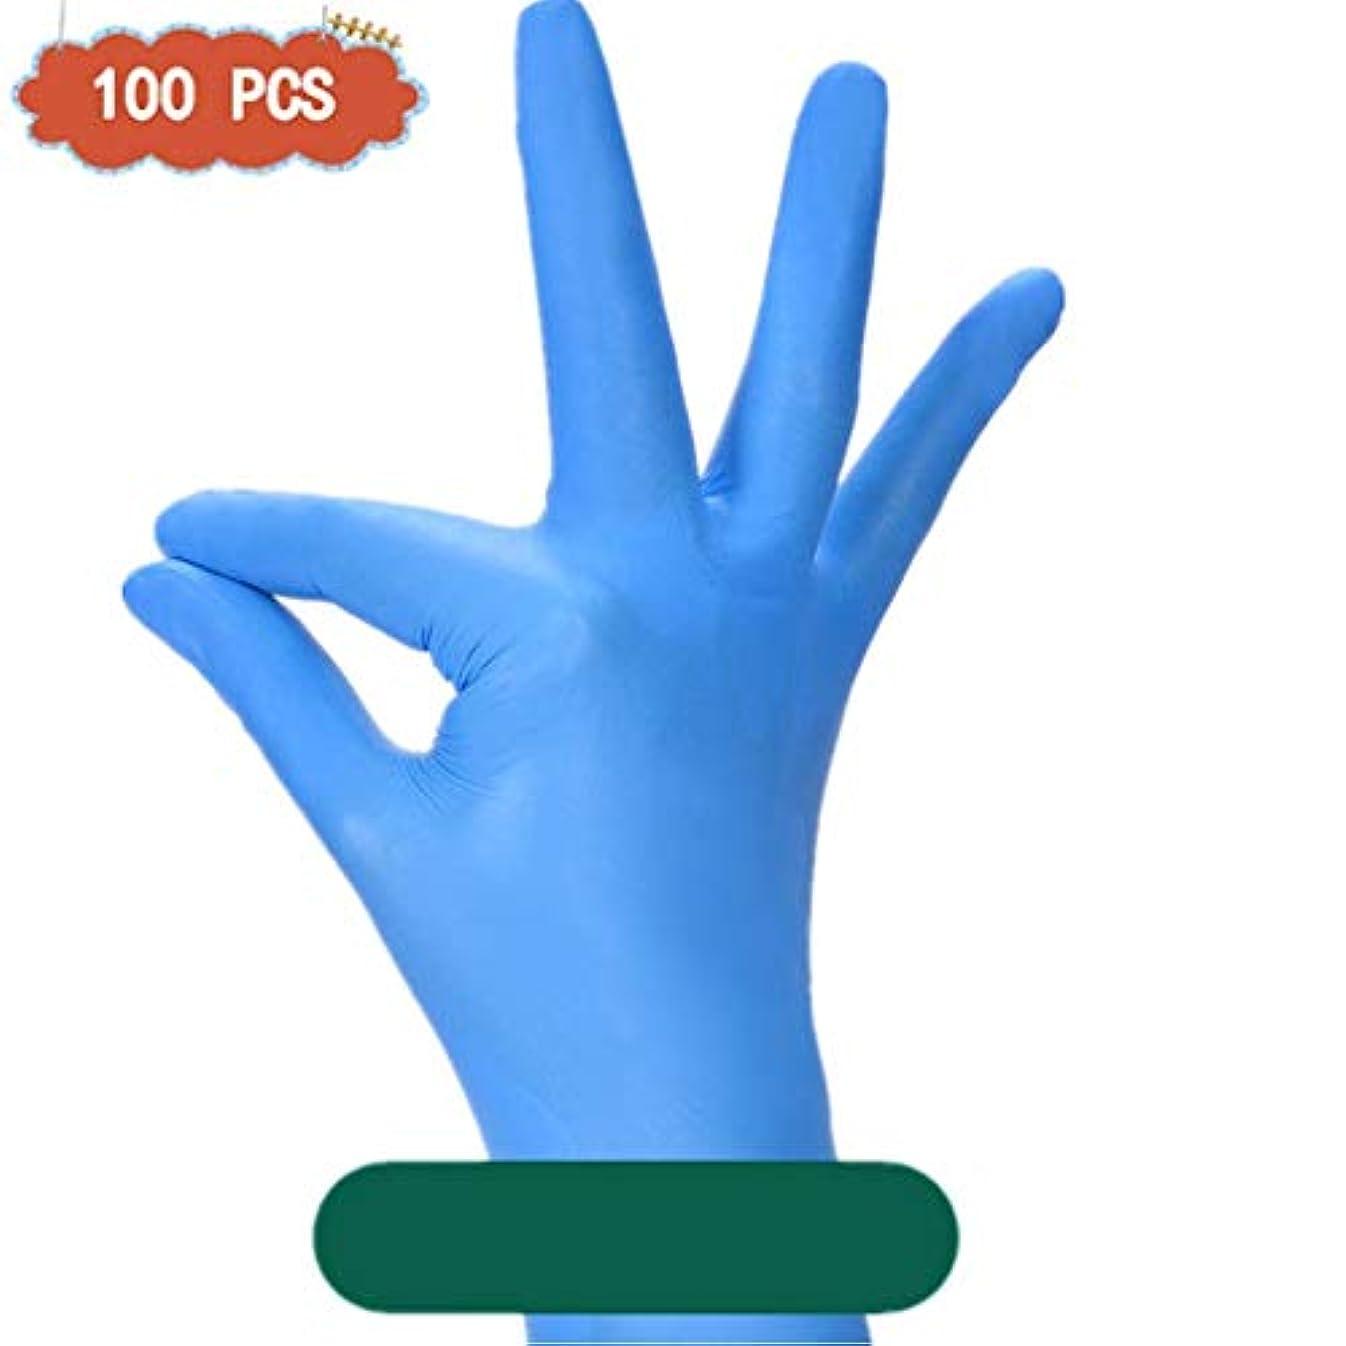 宗教家具位置づけるニトリル手袋、12インチの食器洗い用滑り止め防水ゴムと長い厚い使い捨て手袋ペットケアネイルアート検査保護実験、美容院ラテックスフリー、100個 (Size : L)